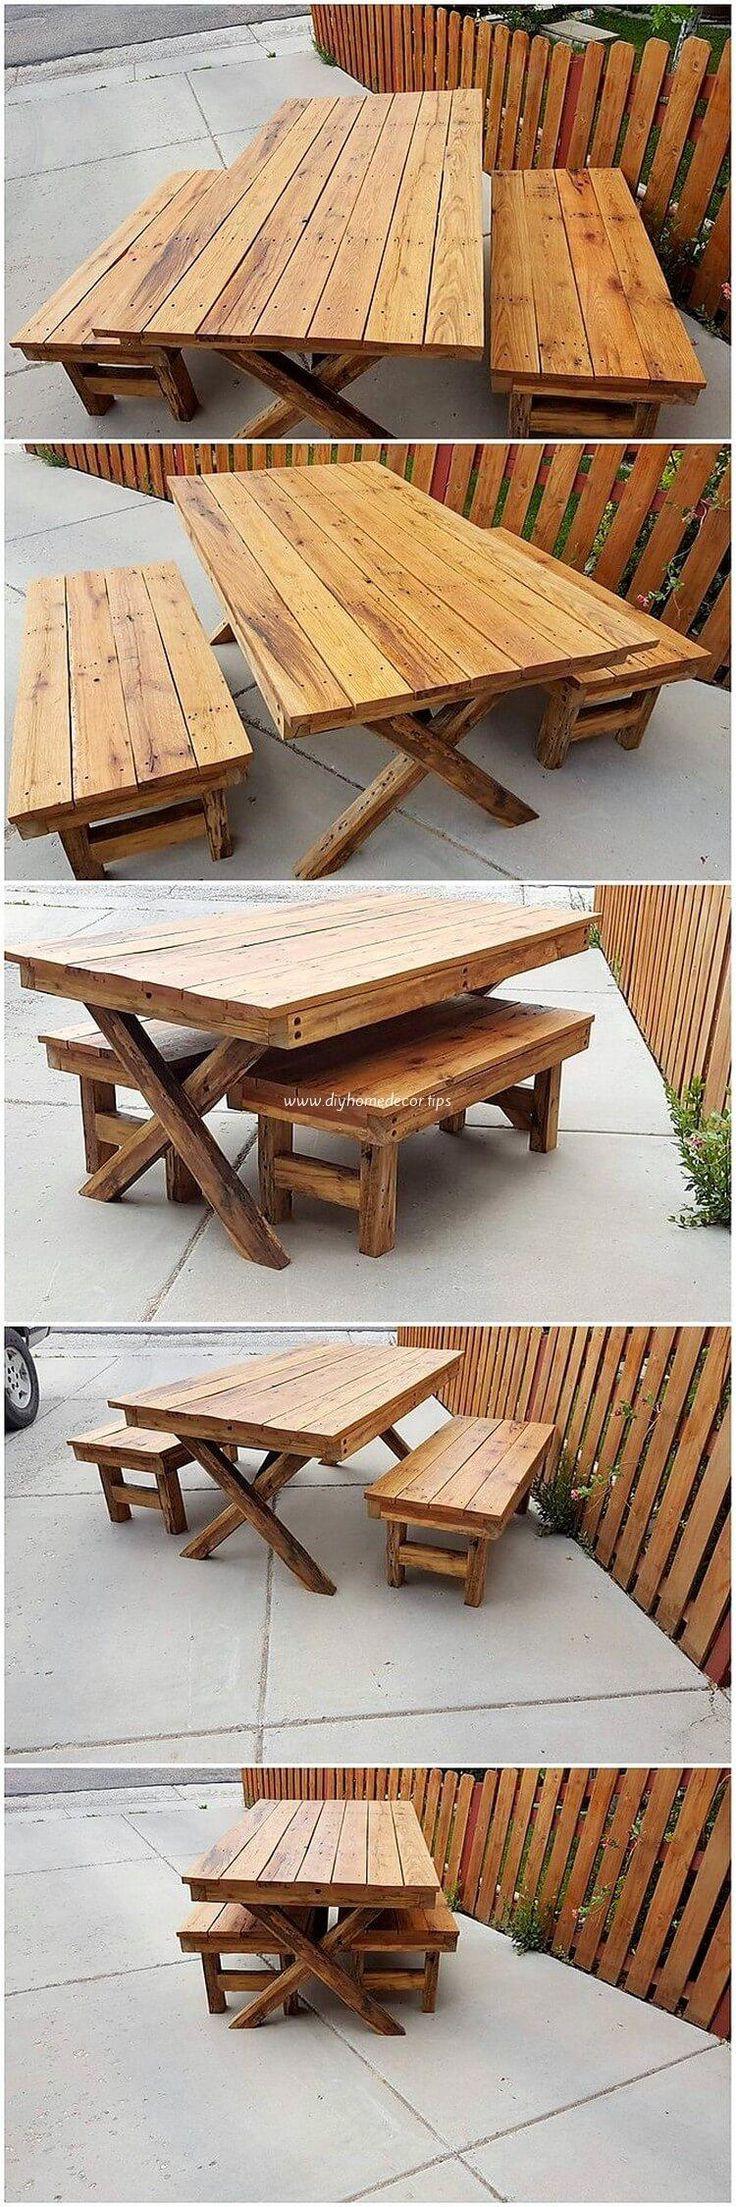 Extraordinary Wood Pallets Reusing Ideas 5914 best